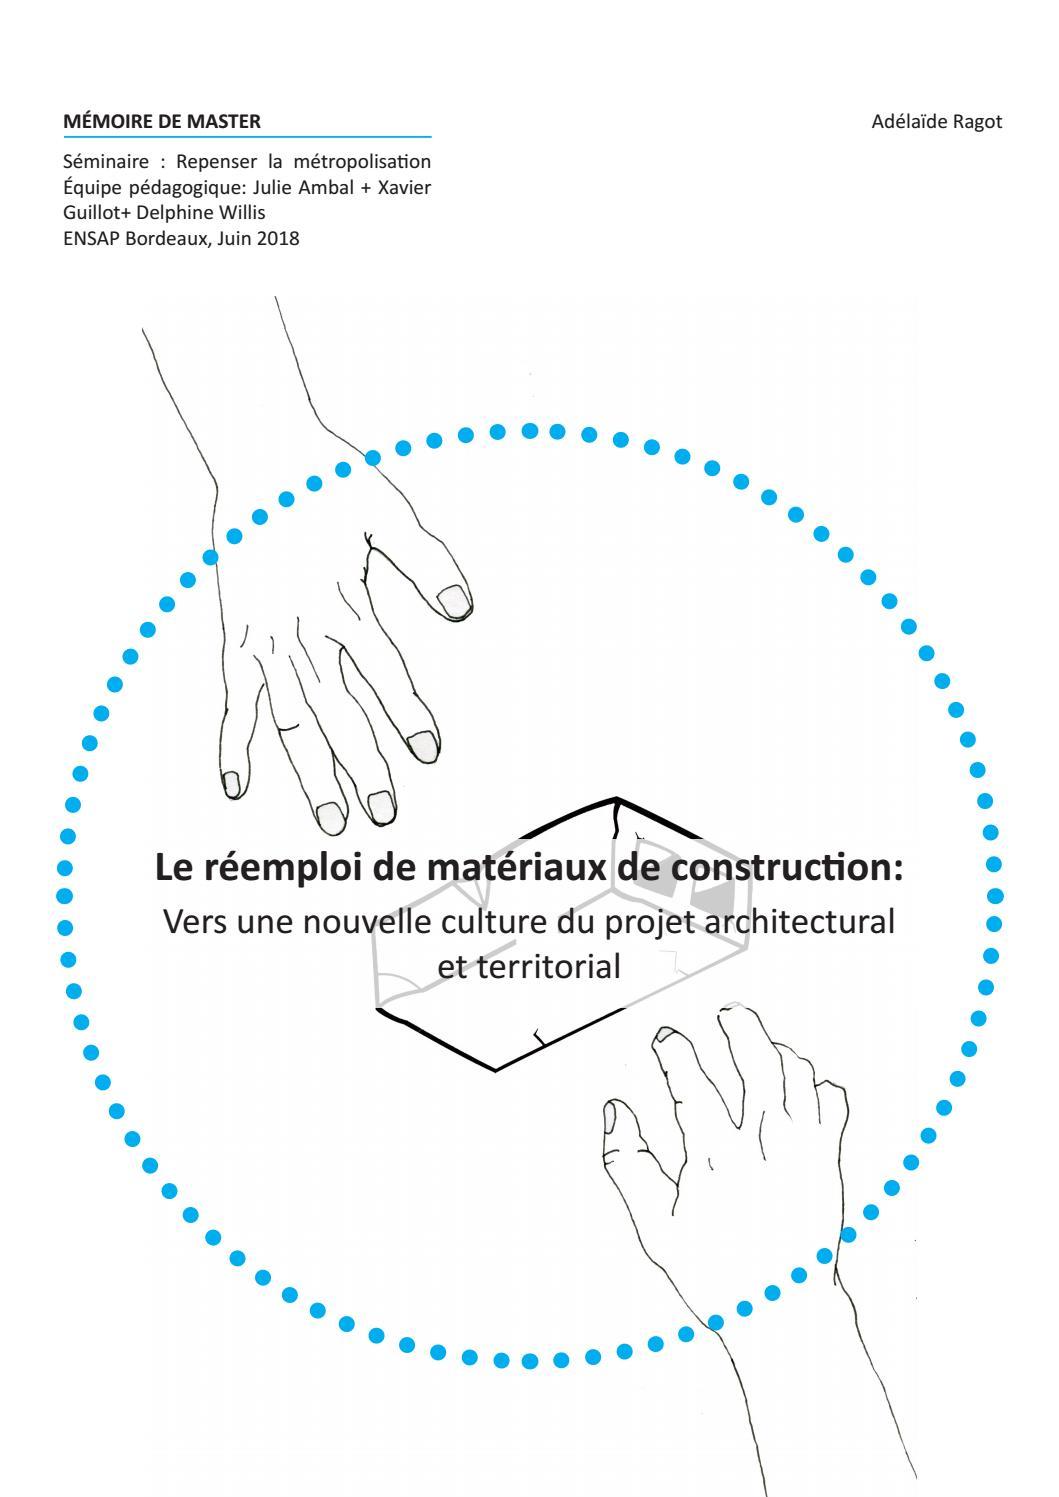 règles pour la datation d'un architecte